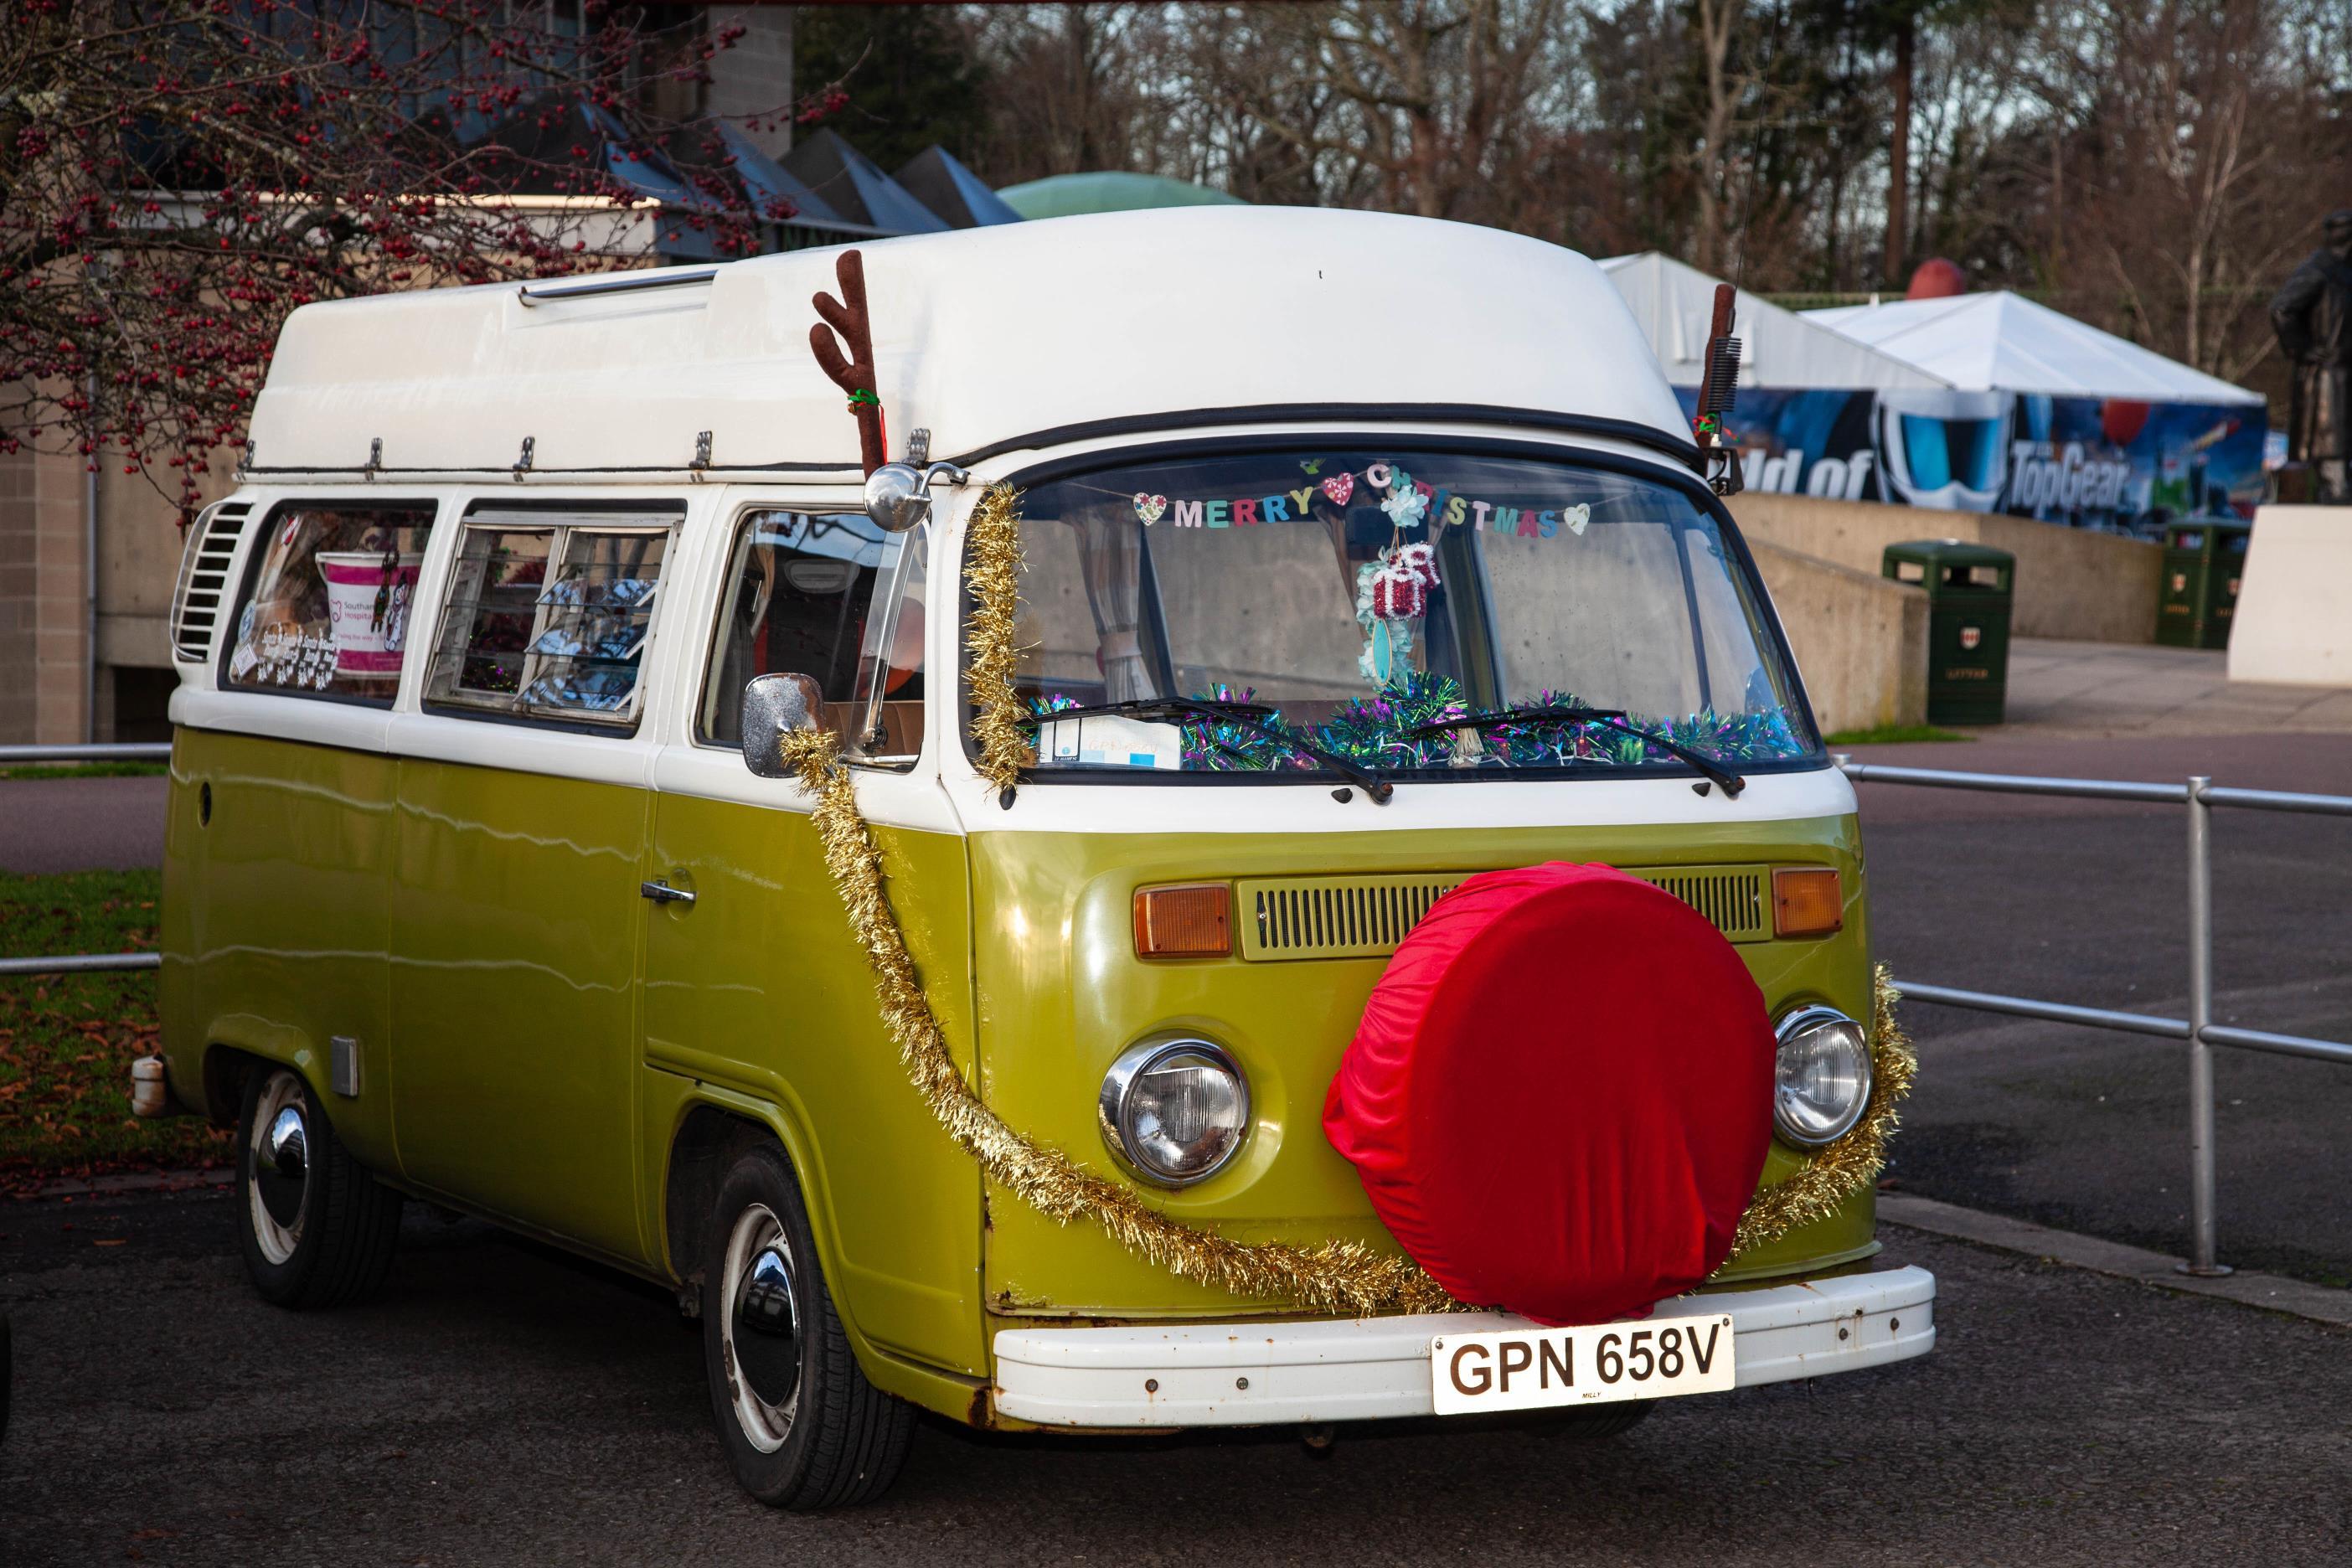 A Kombi saia e blusa com chifres de rena no teto e uma capa vermelha no estepe que fica na dianteira da van